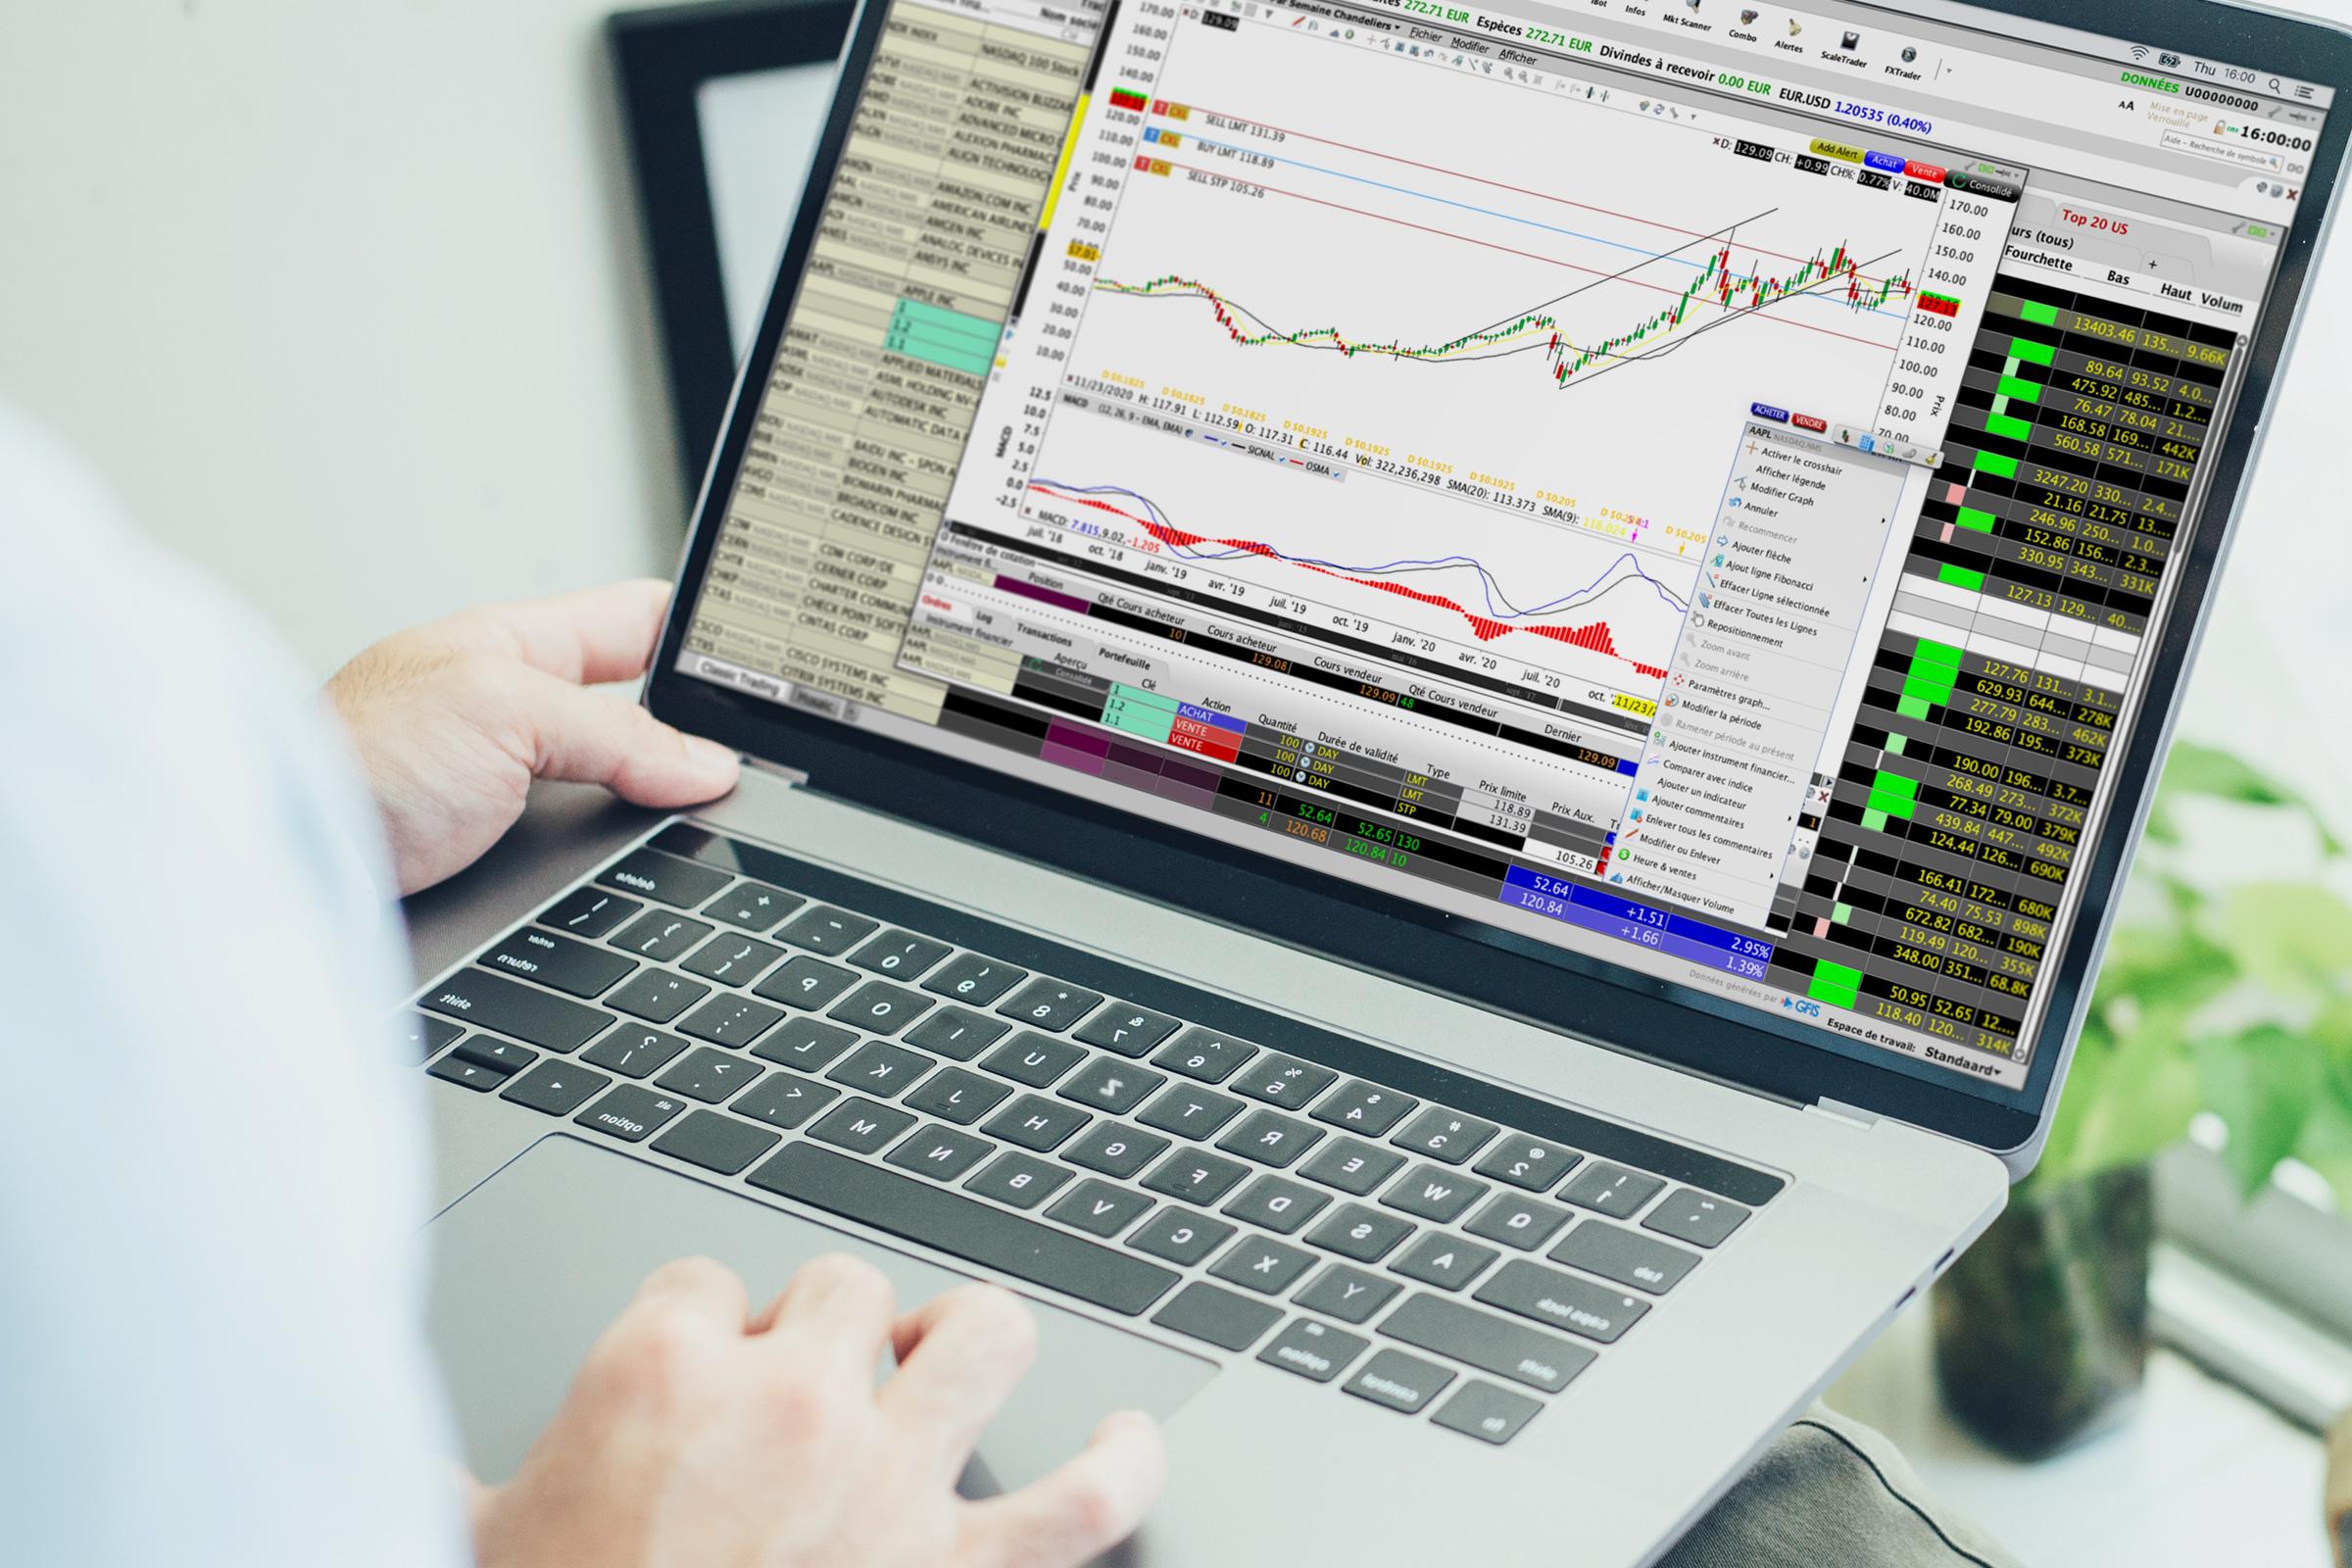 La plateforme de trading reconnue mondialement